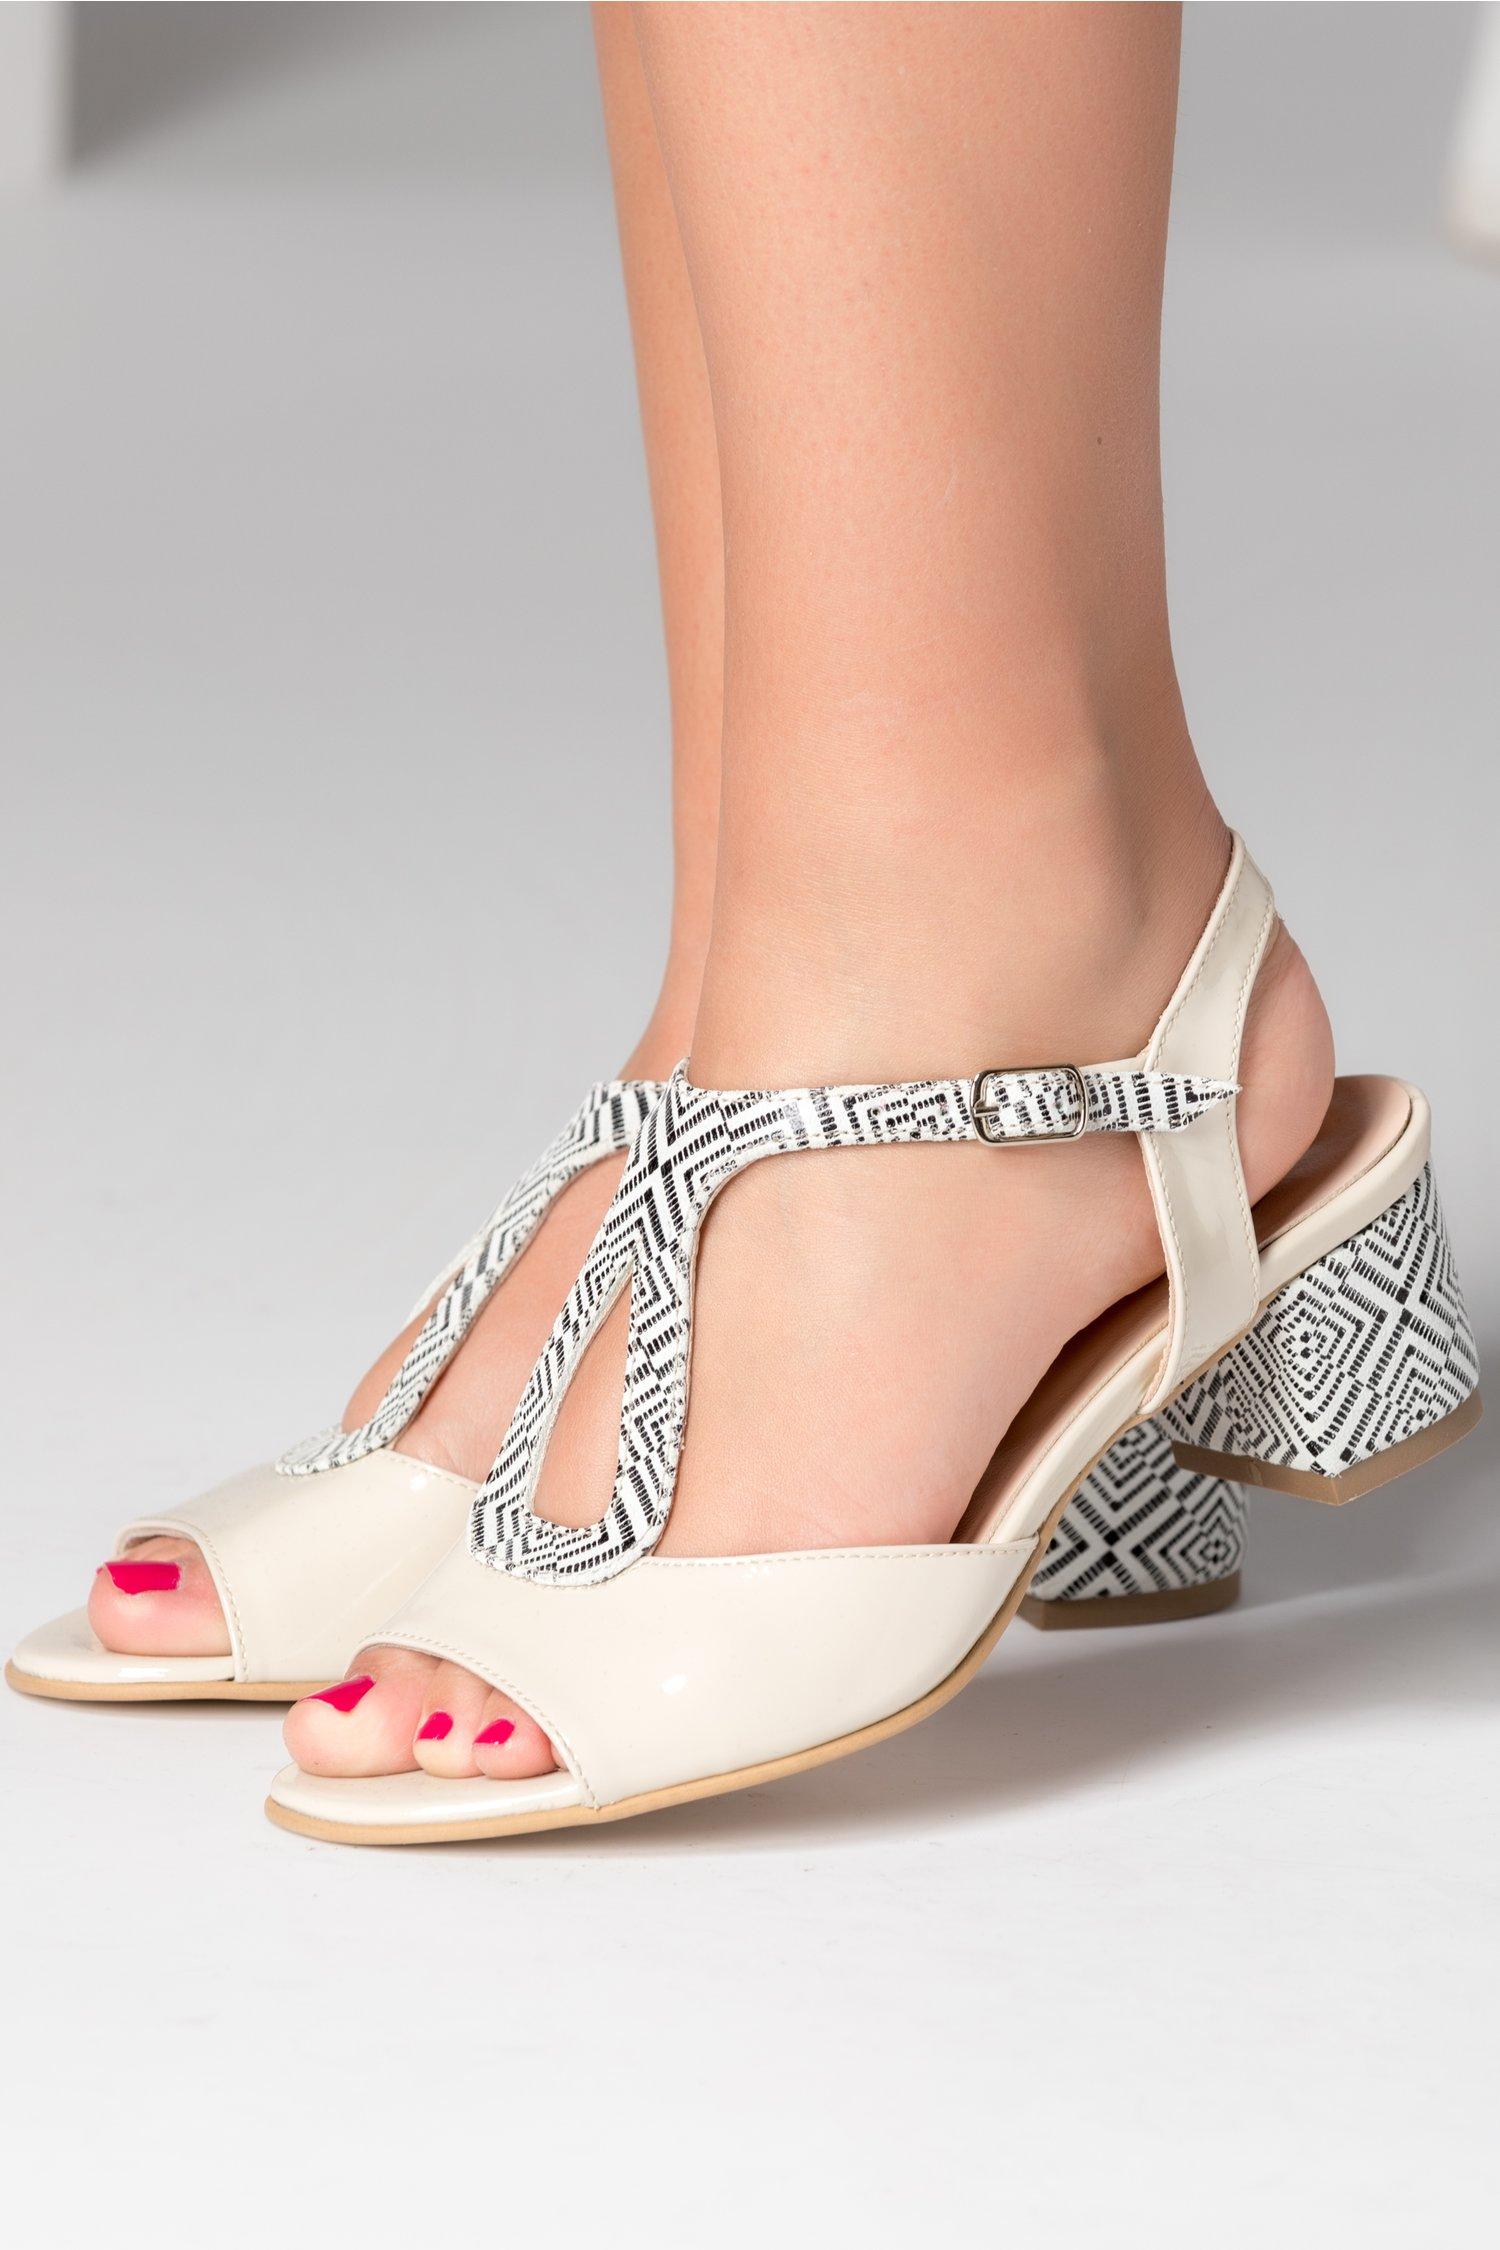 Sandale dama ivory cu imprimeu alb negru